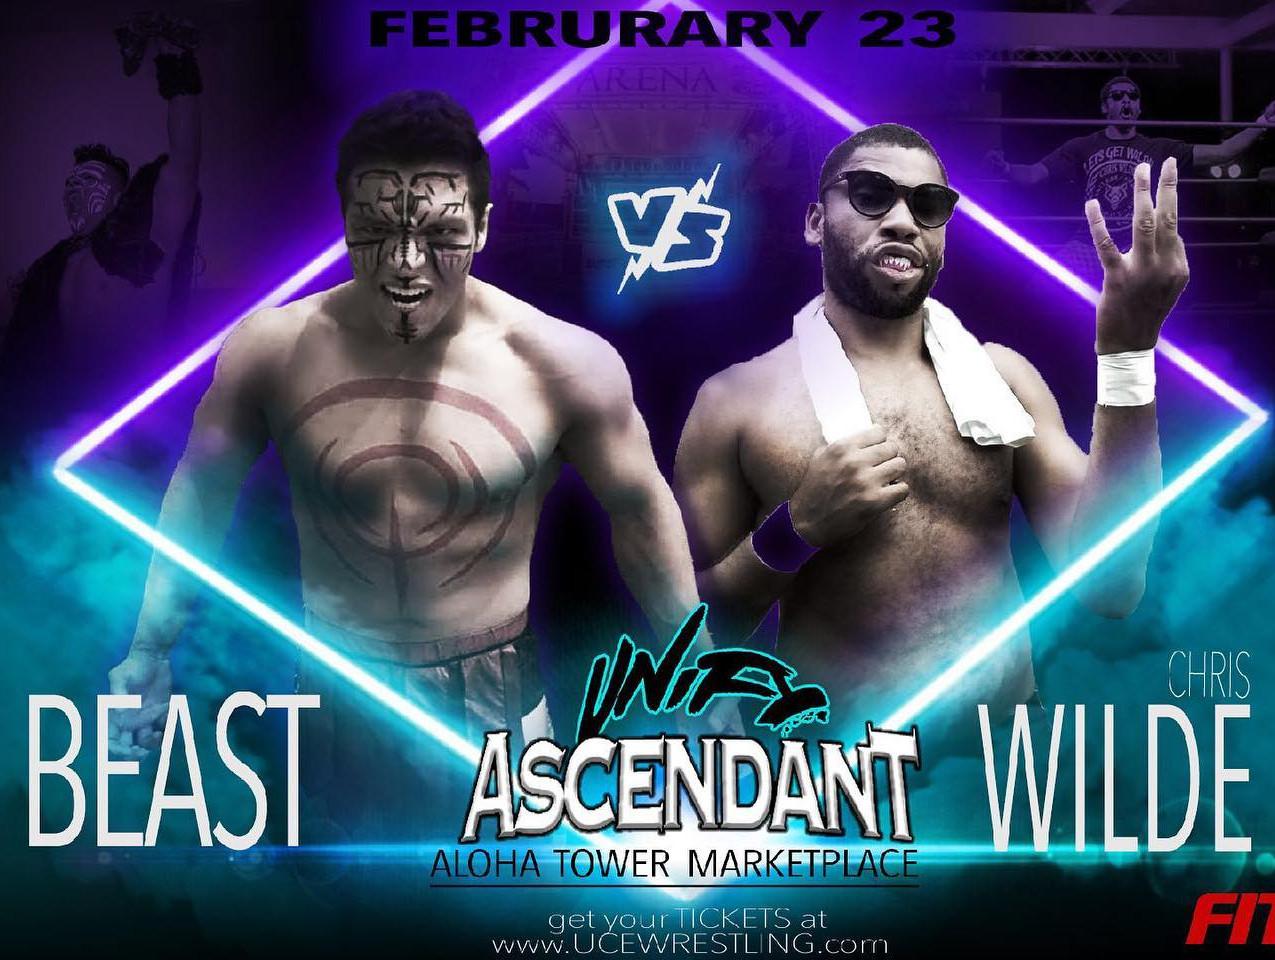 Ascendant - Chris Wilde vs Beast